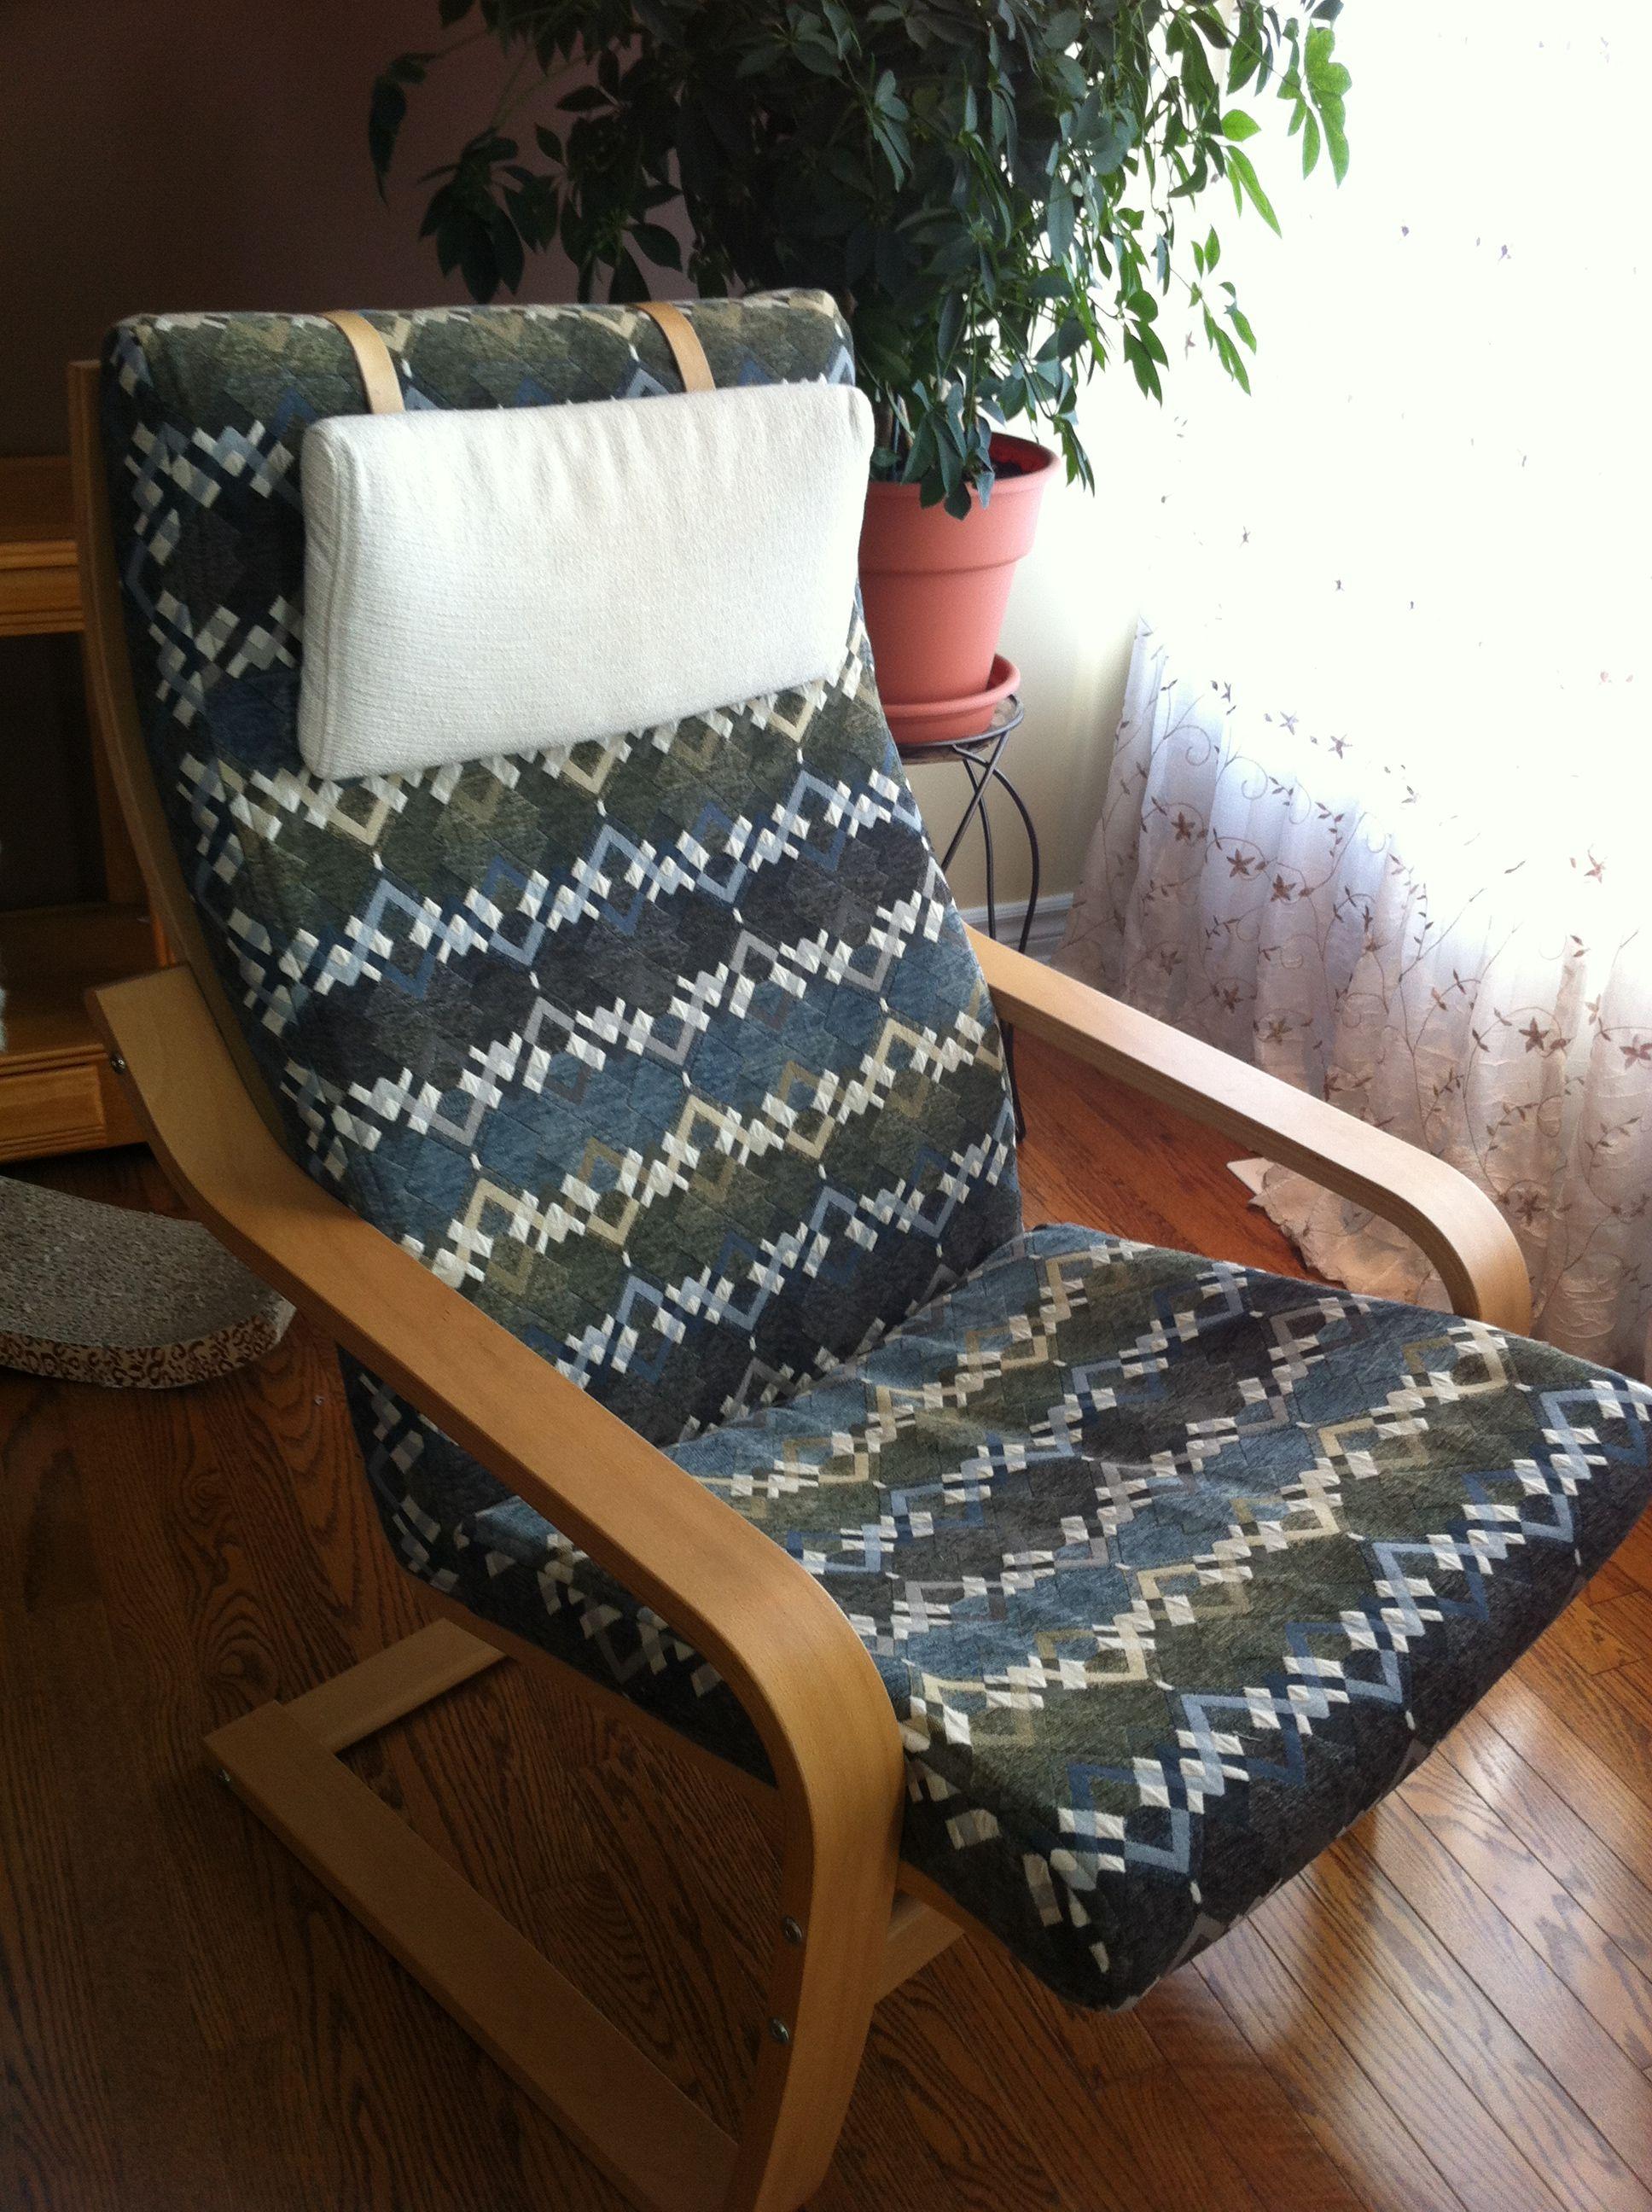 Ikea Poang Chair Cover Ikea poang chair, Ikea chair, Chair